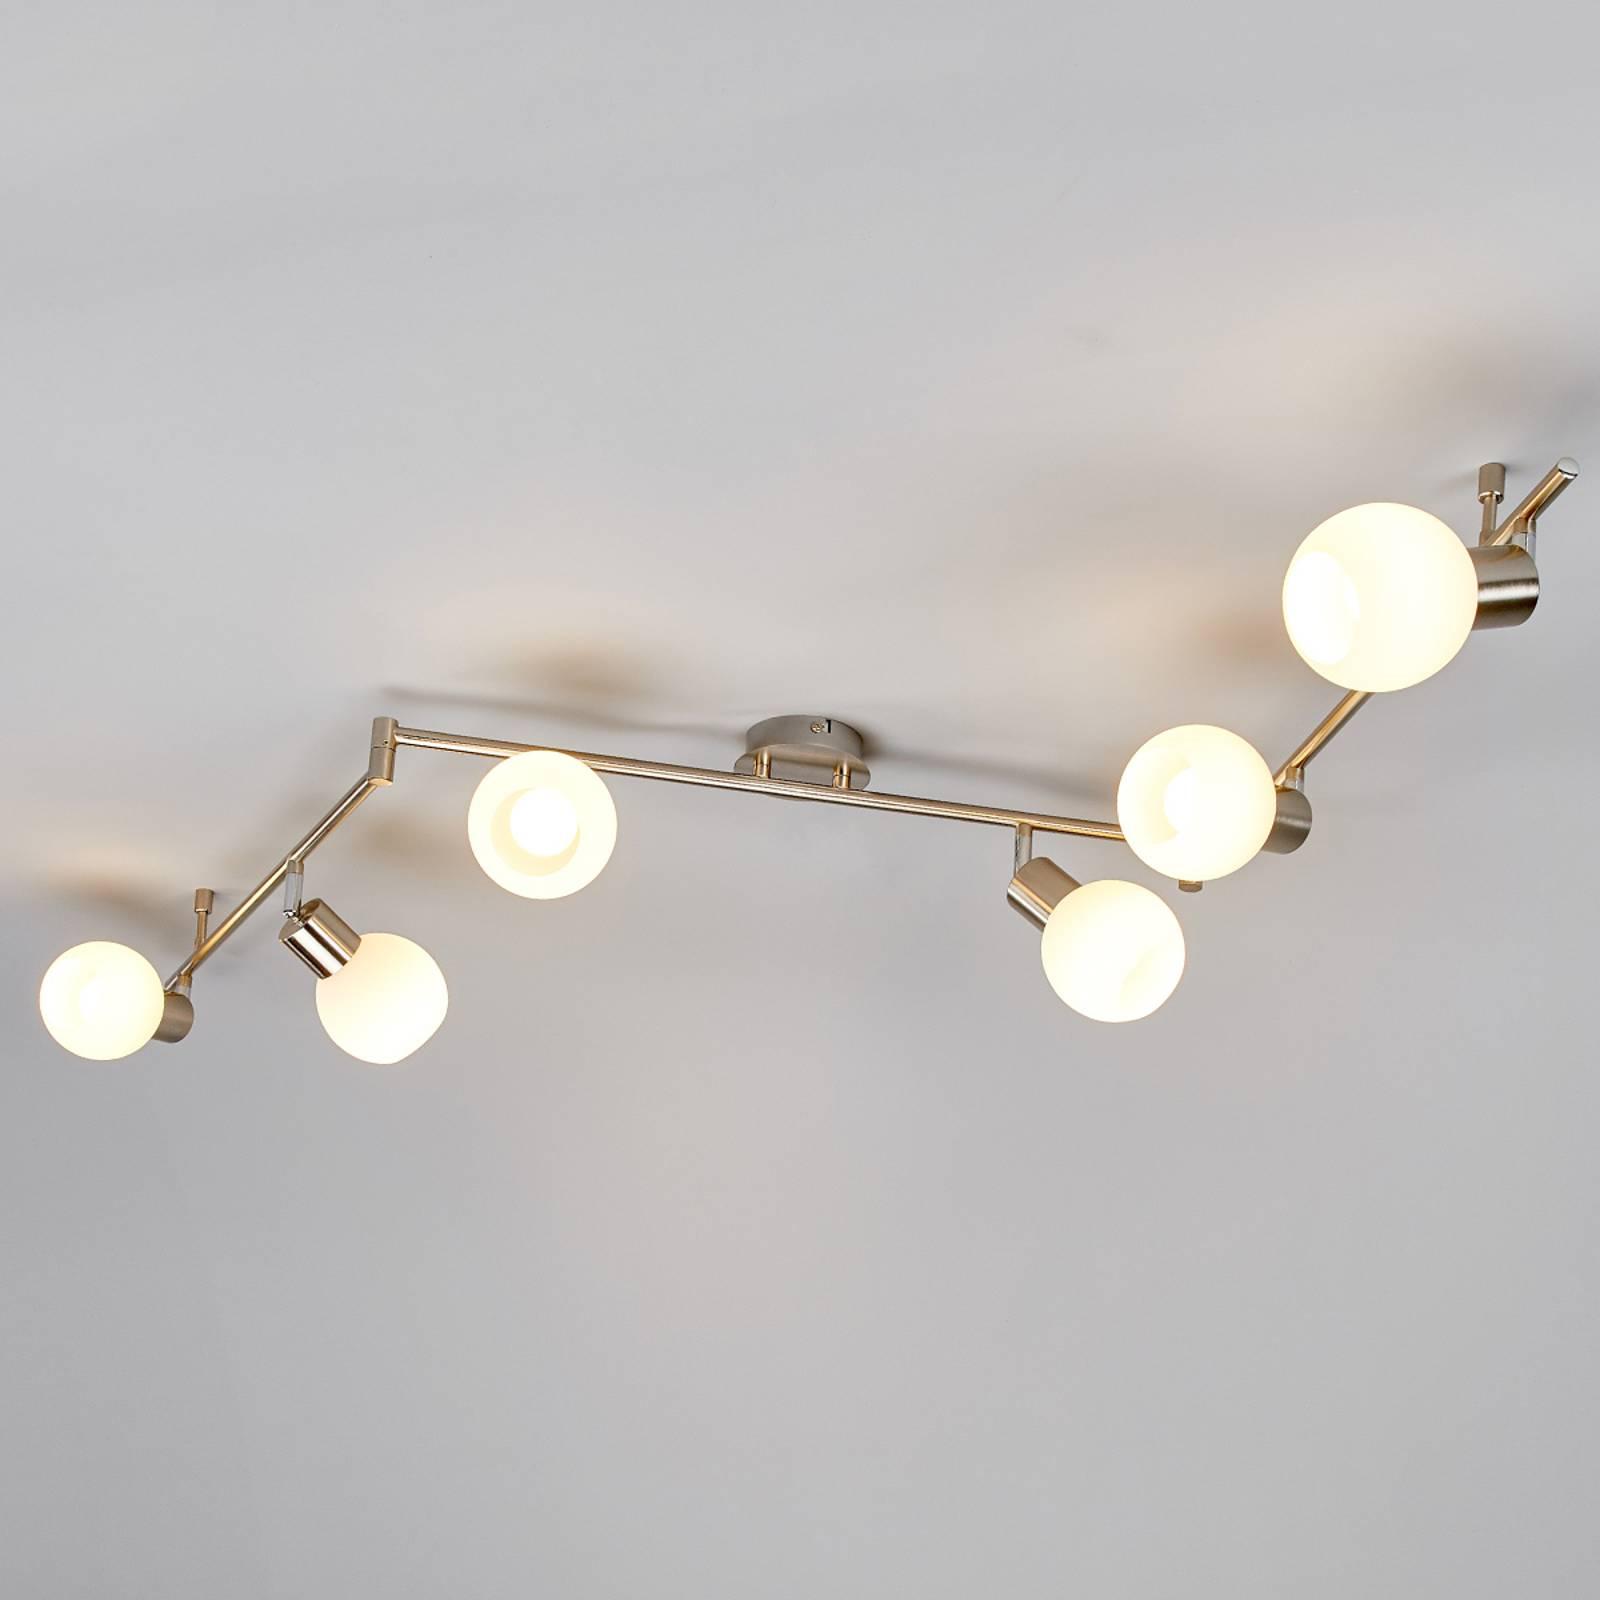 Elaina LED-plafondlamp, 6-lichts mat nikkel